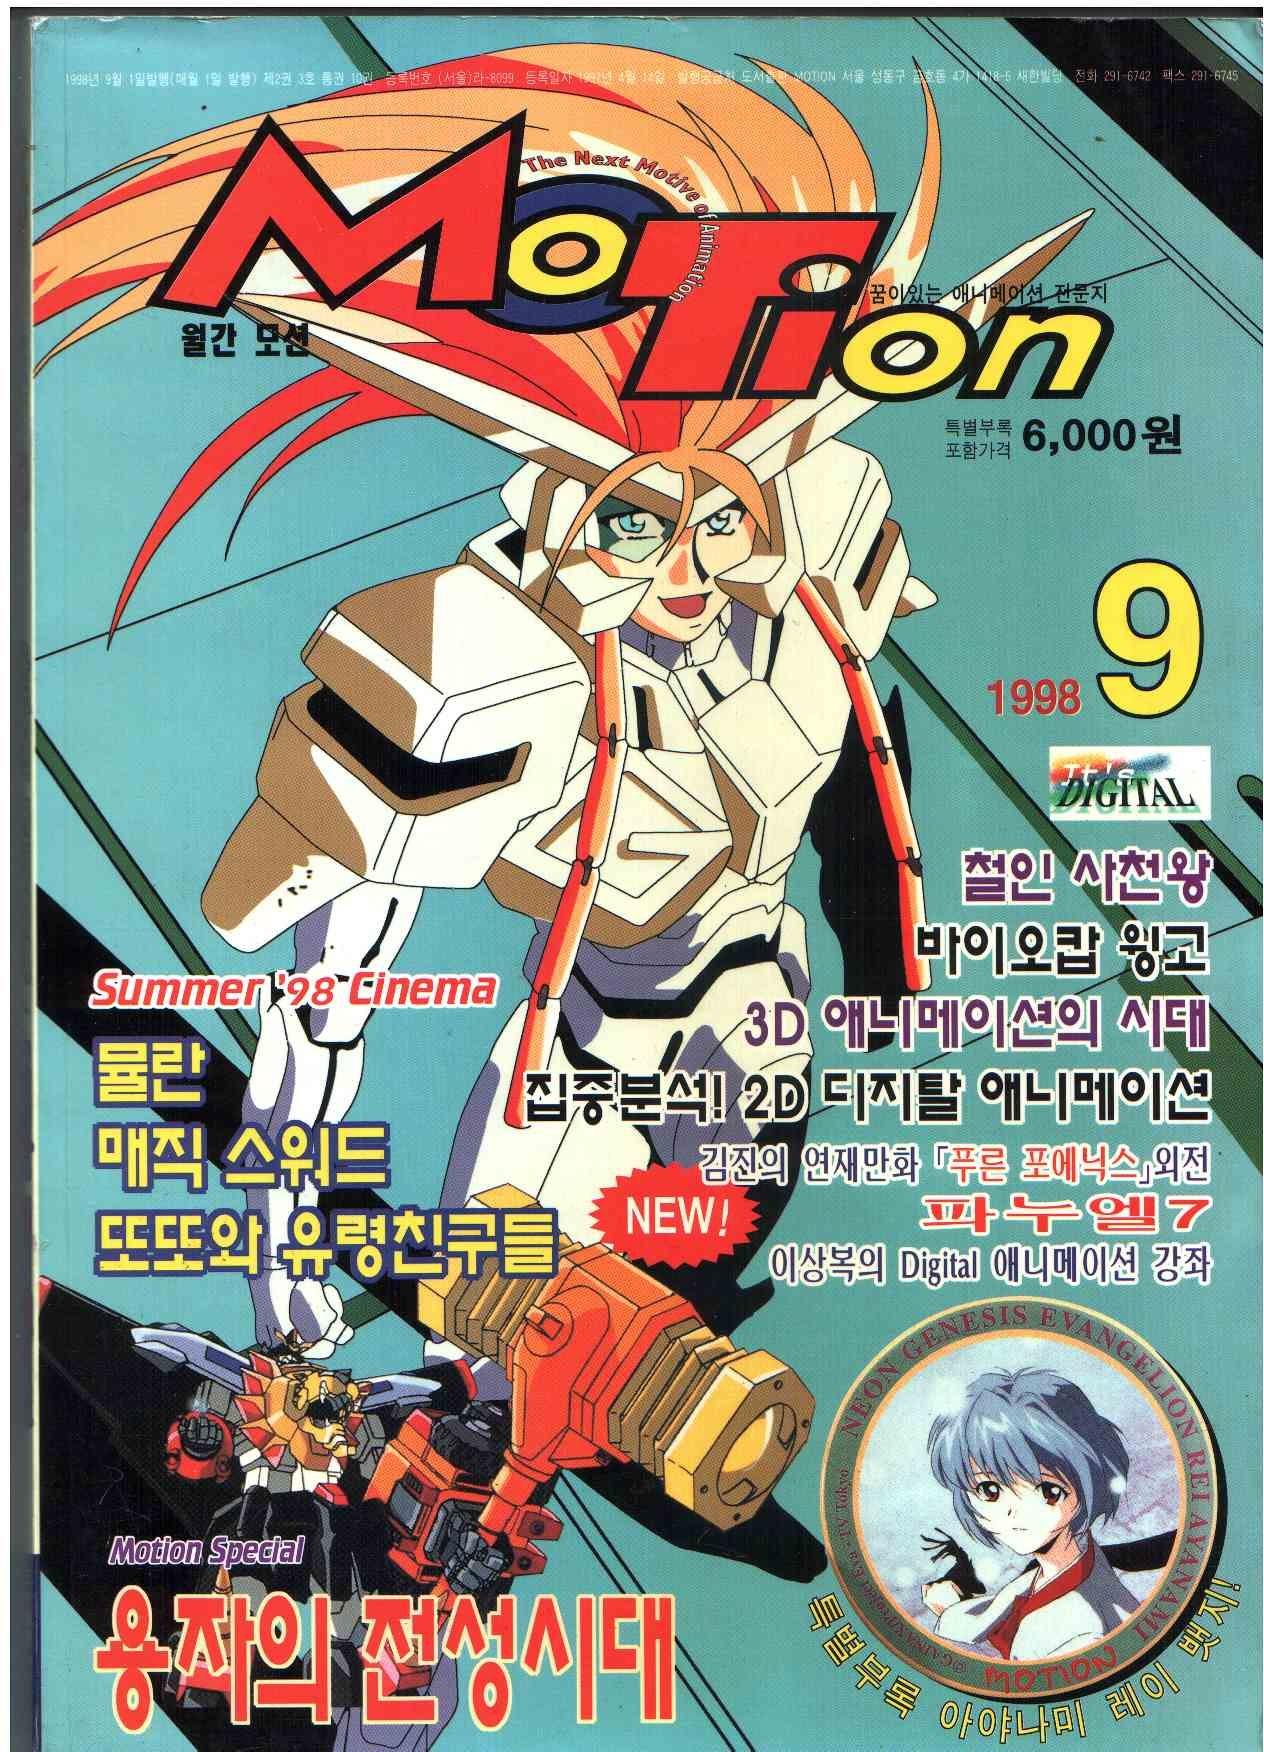 월간 모션 1998년 9월 합본호 (제 10 호) (마지막호)